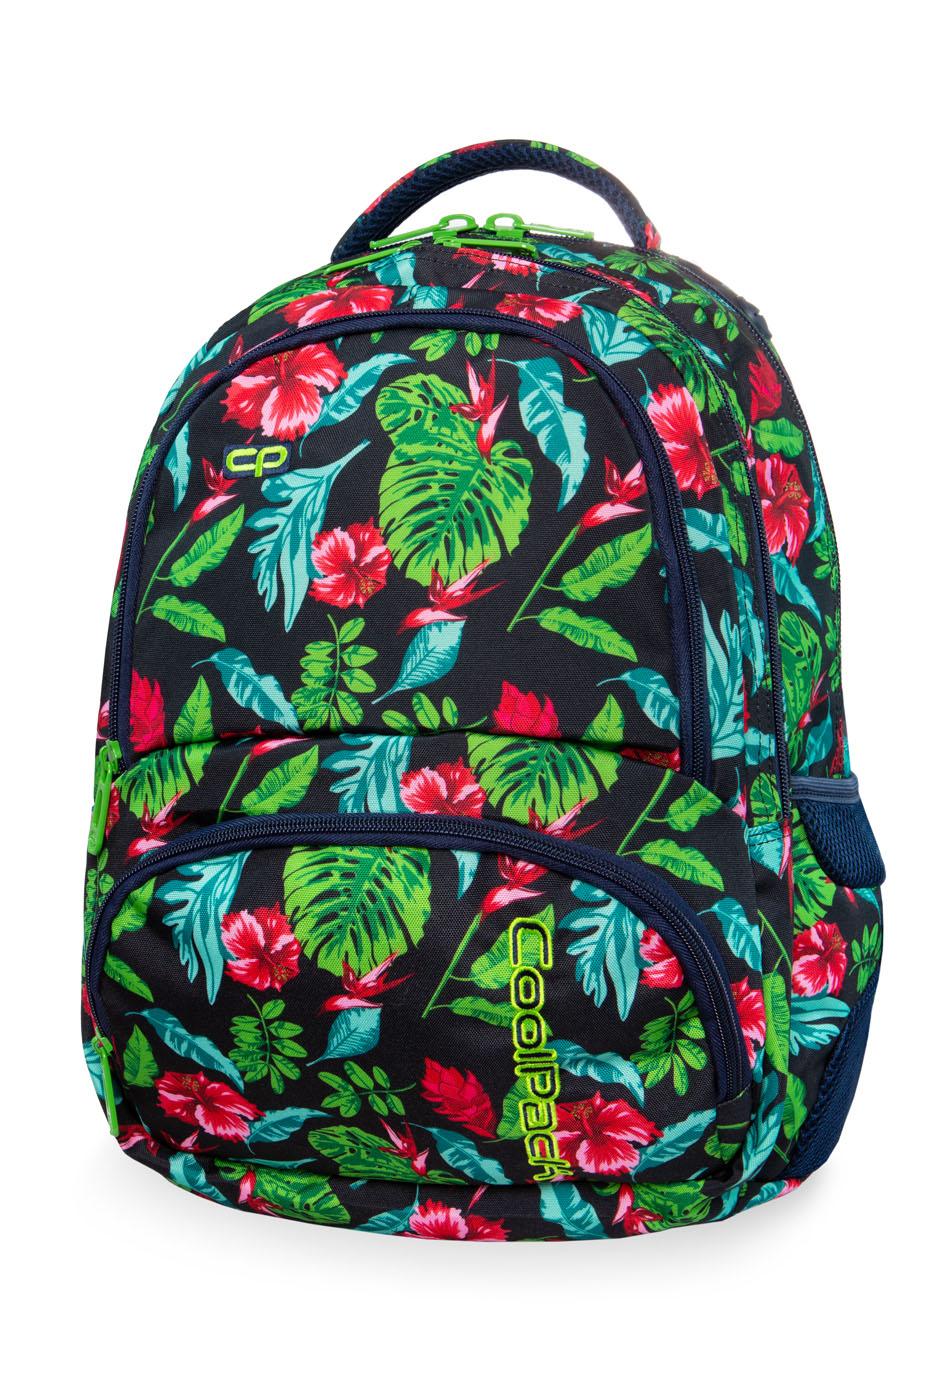 Coolpack   spiner  rygsæk   candy jungle